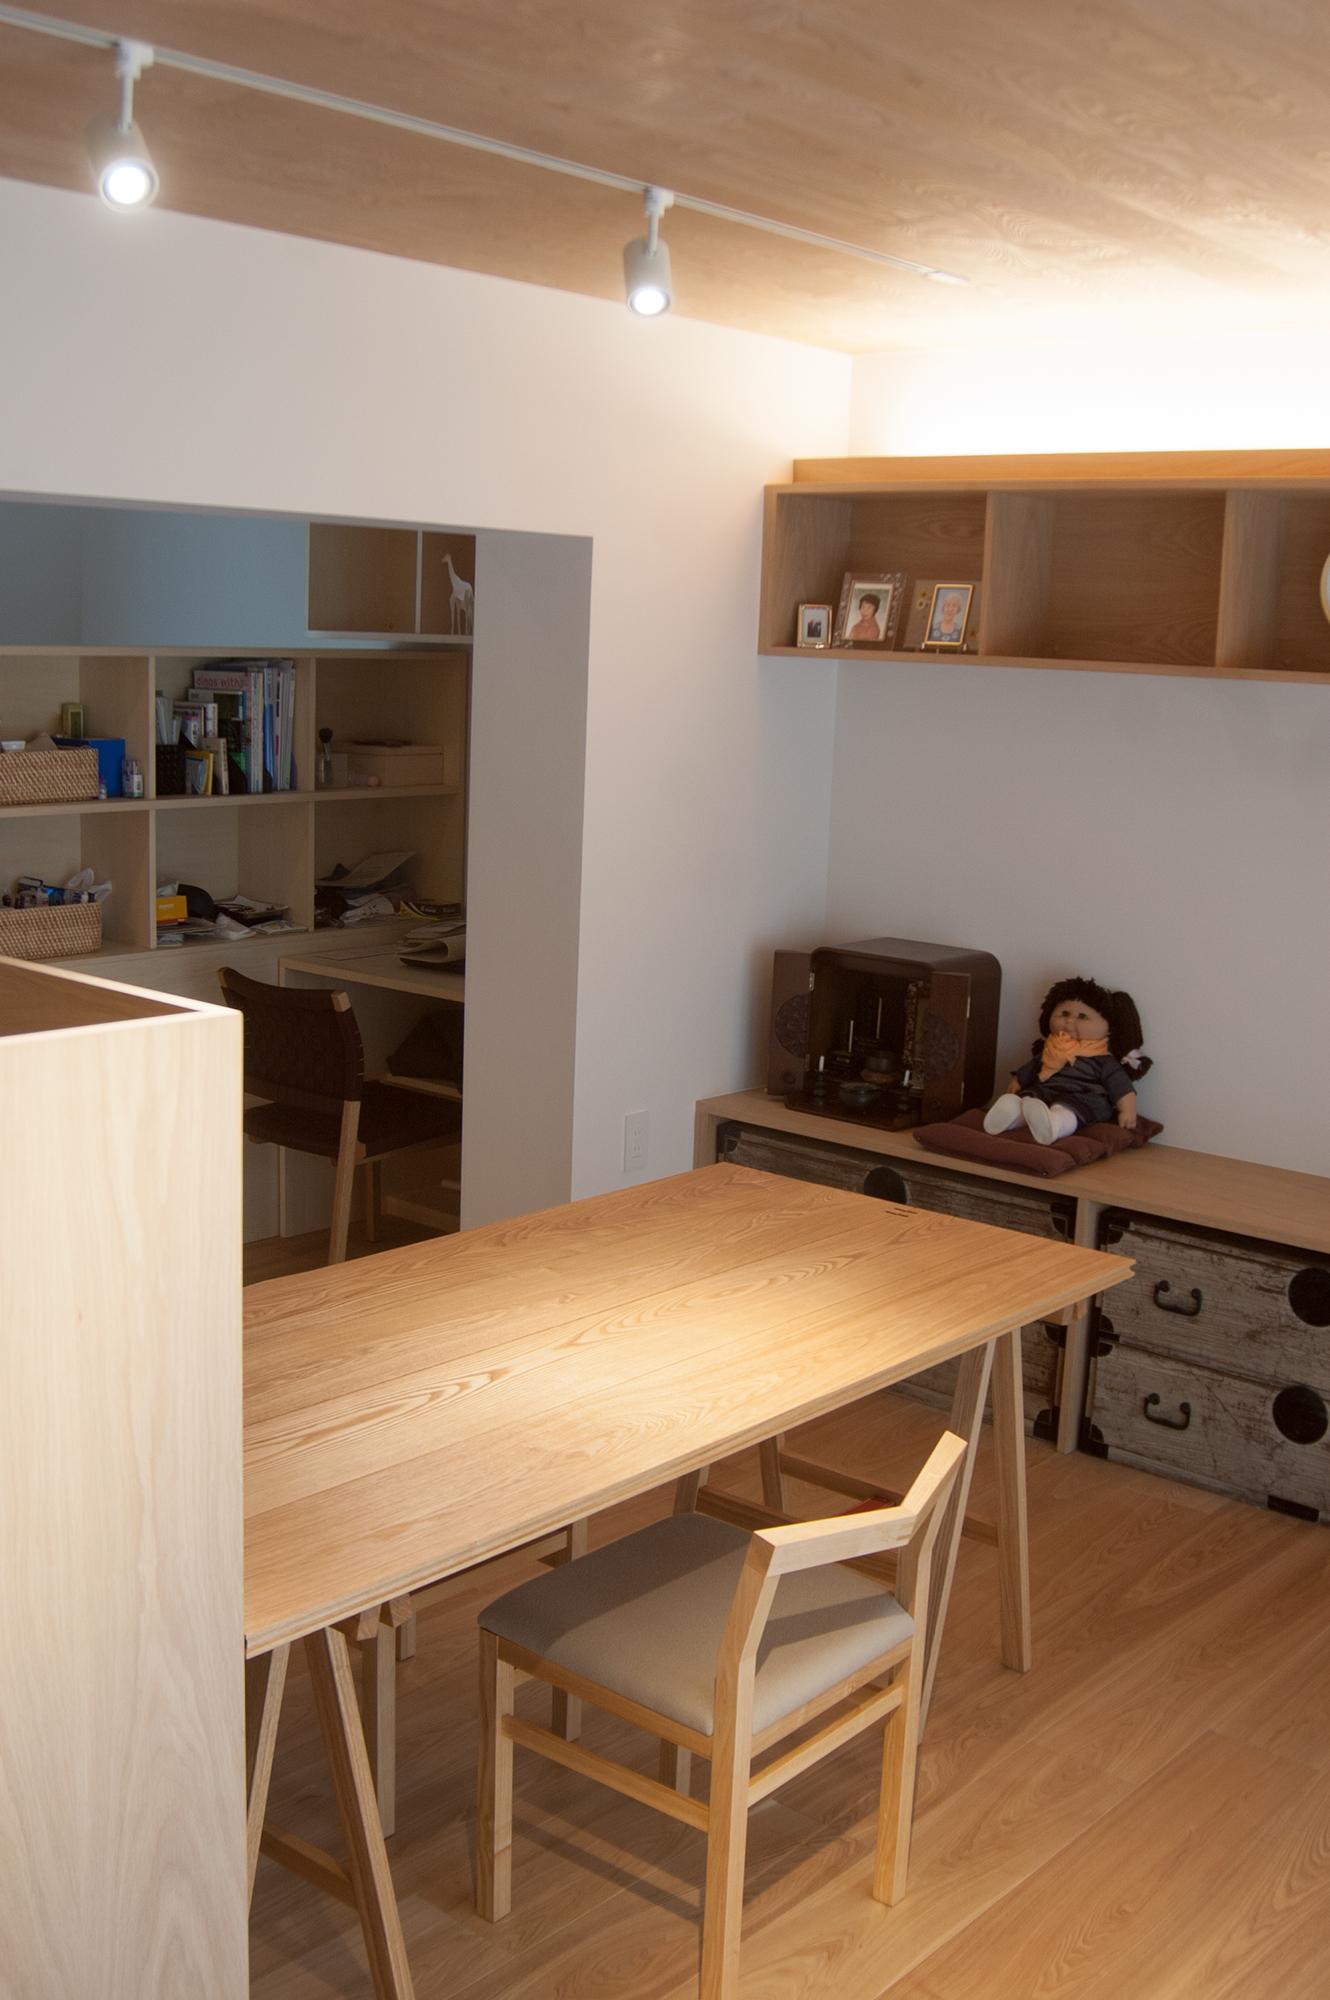 折りたたみテーブル「ぱたむテーブル」とピコチェアを組み合わせたダイニングセット